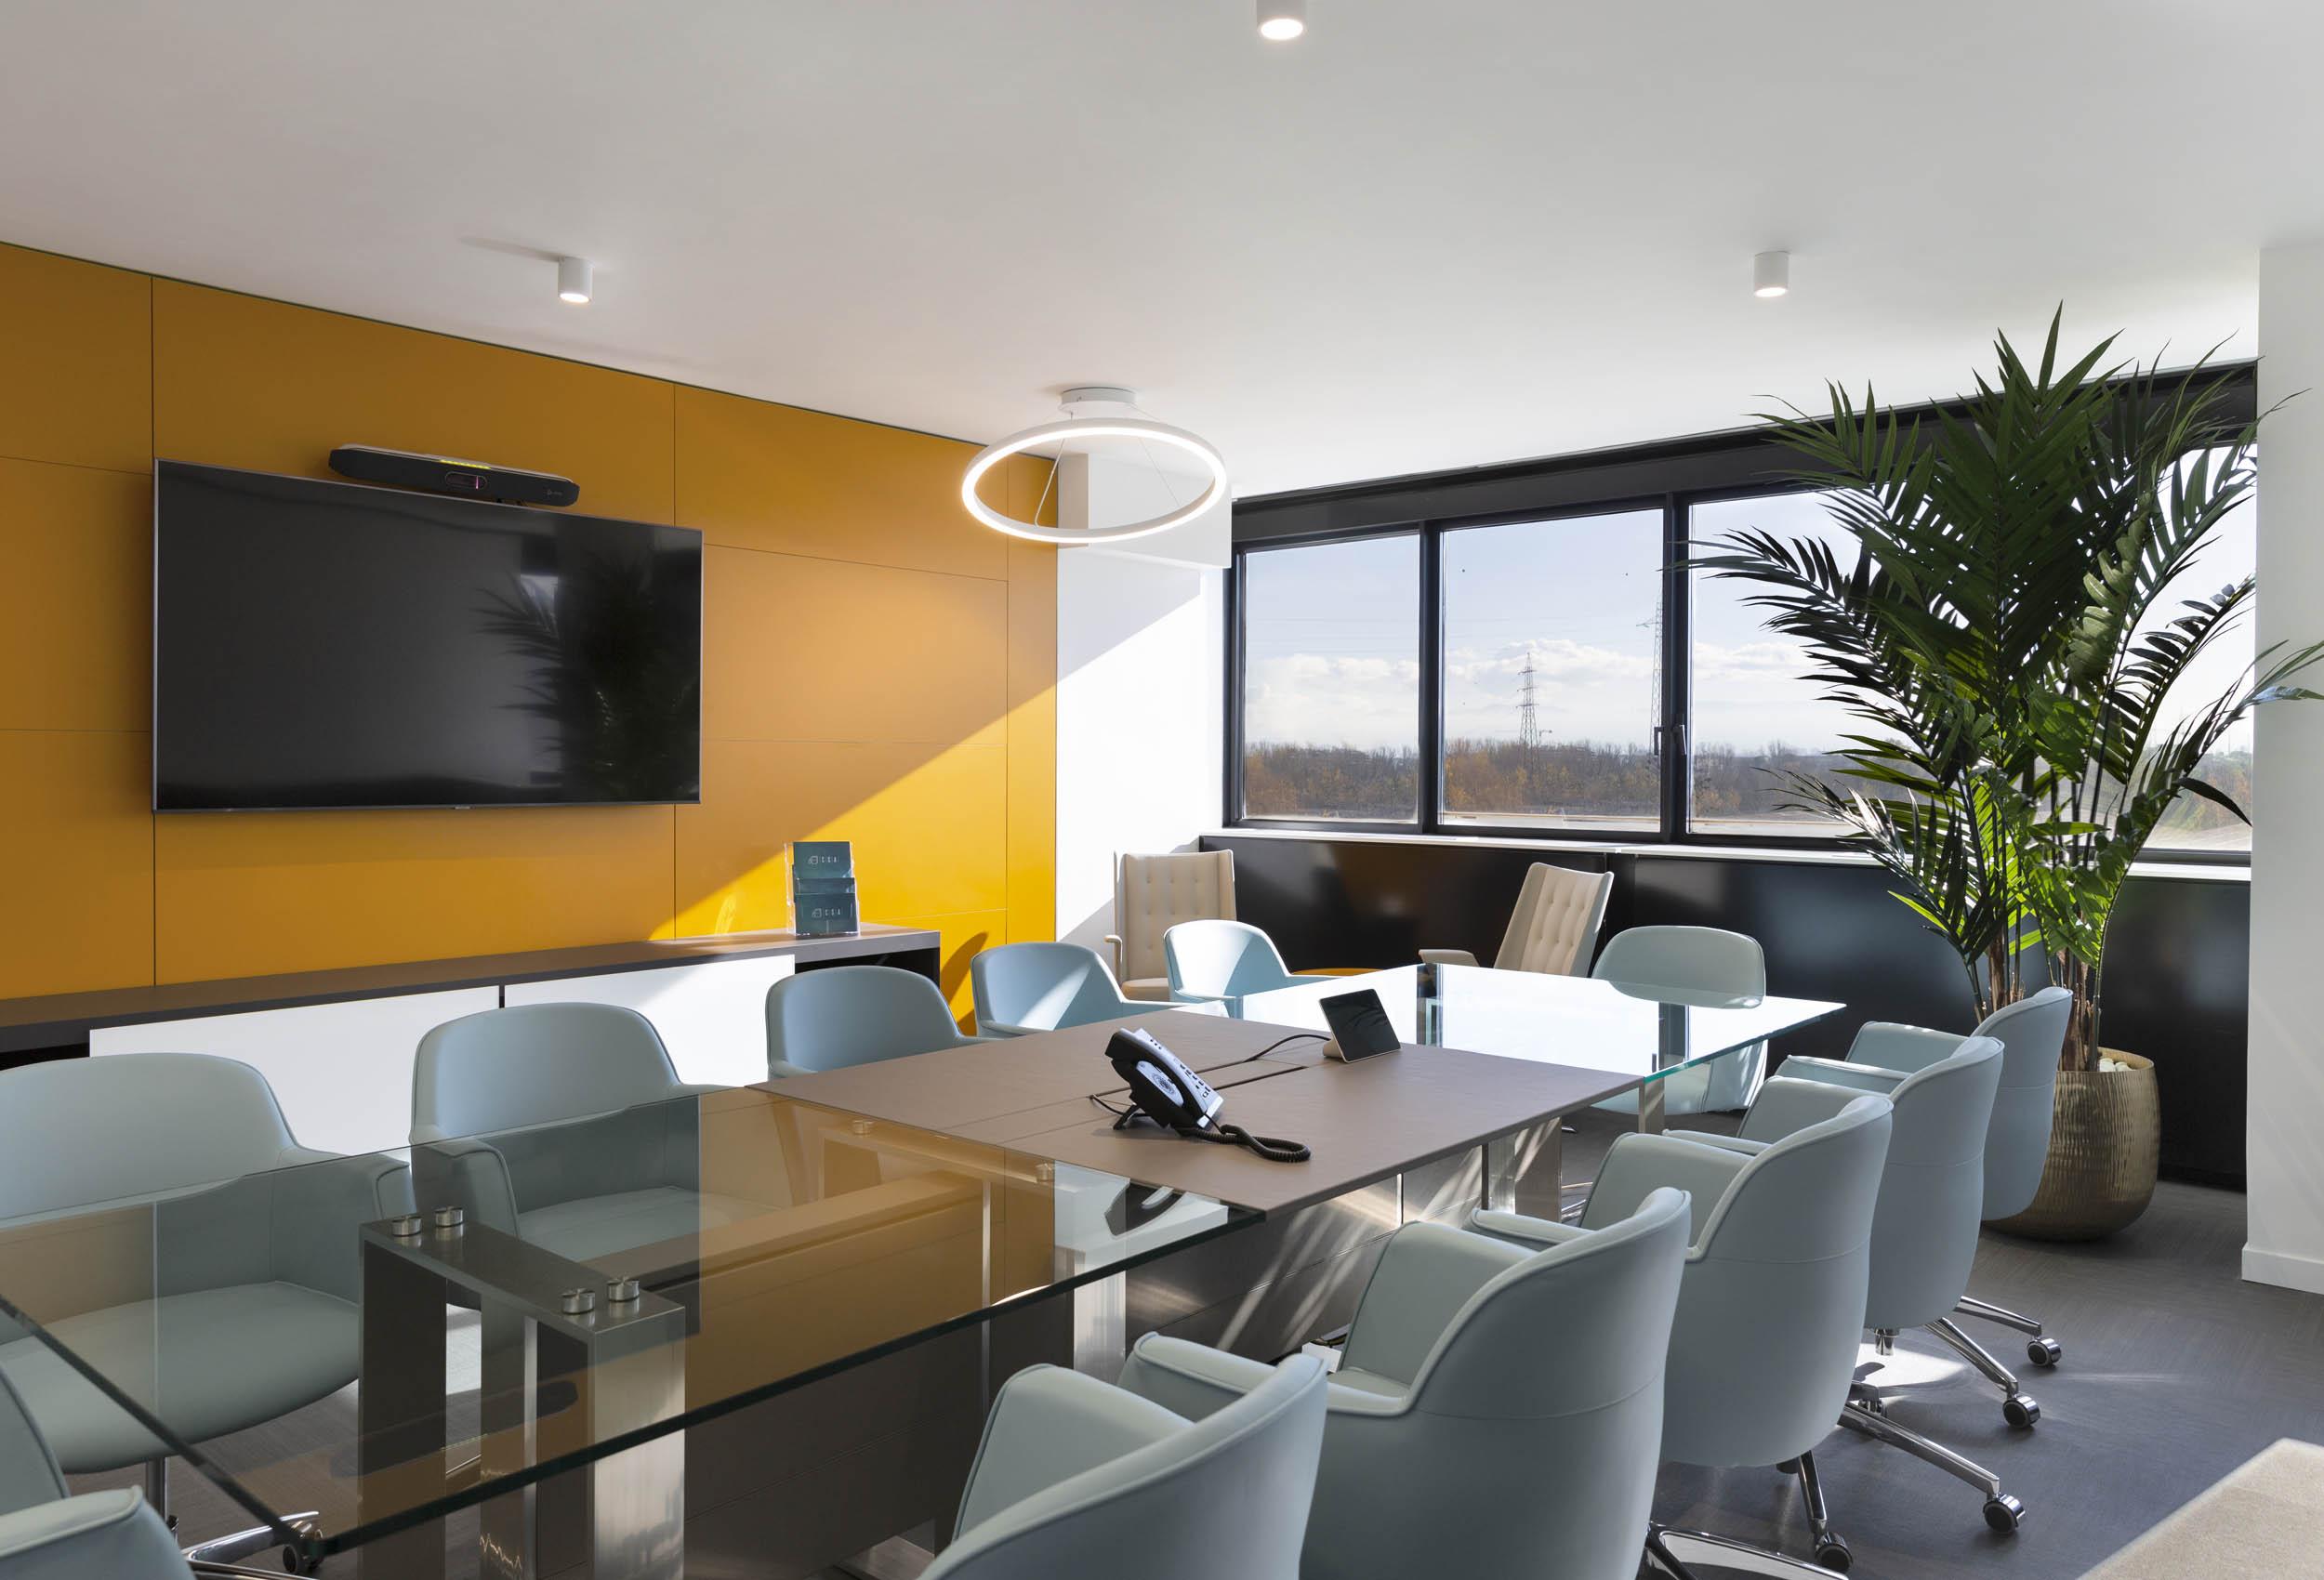 office-design-interior-design-studio-architettura-fad-fucine-forniti-roma-2